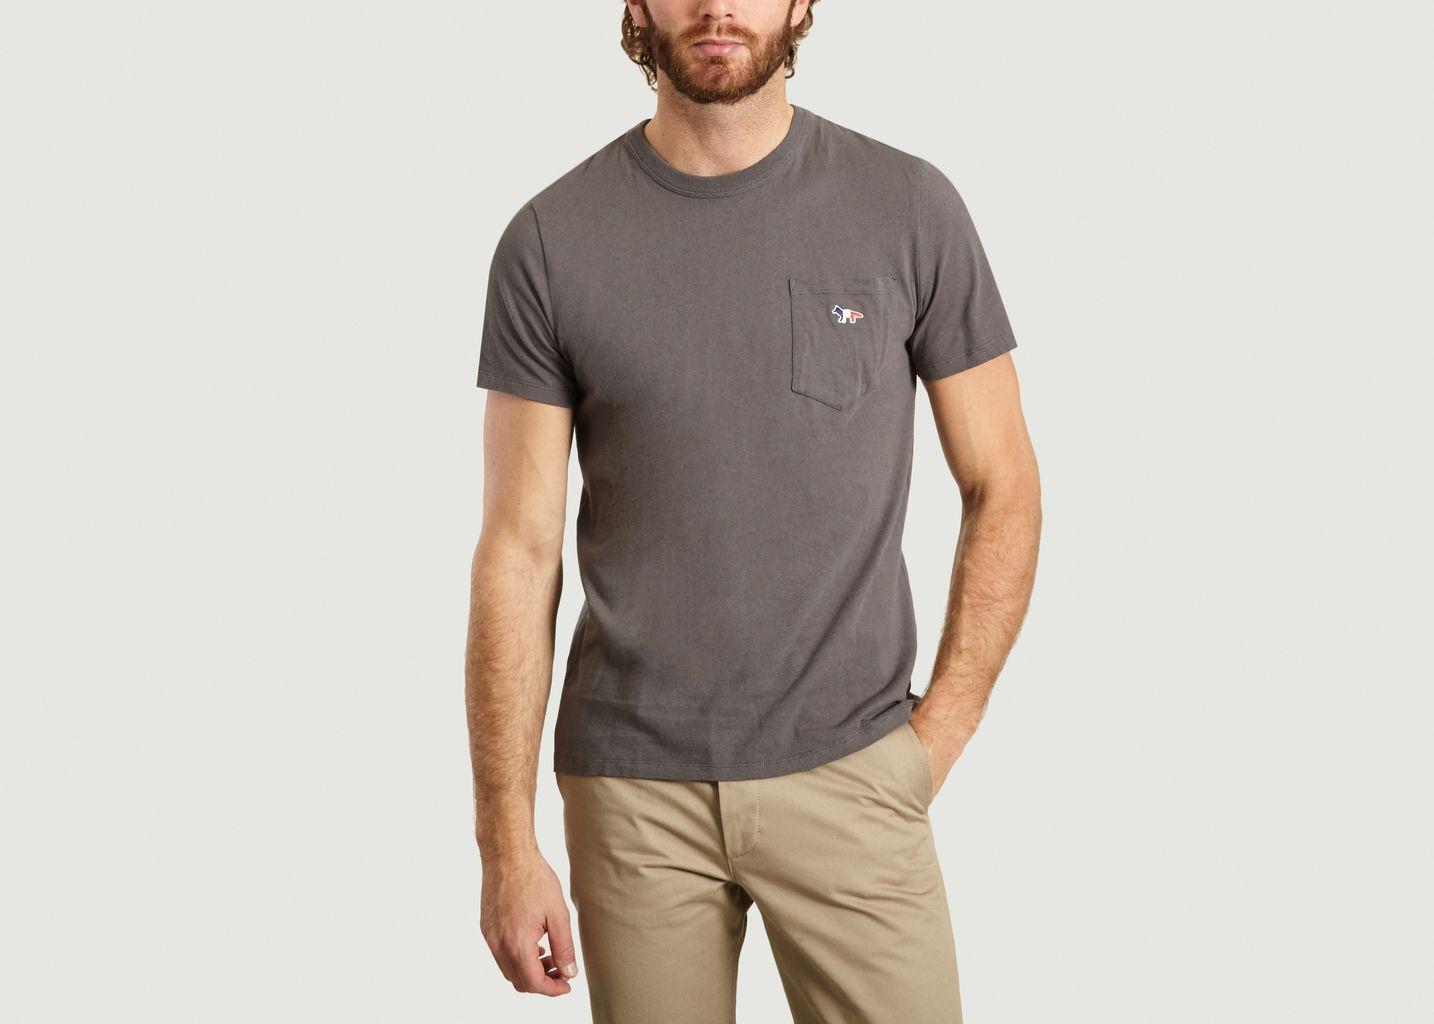 T-Shirt A Poche Siglée - Maison Kitsuné